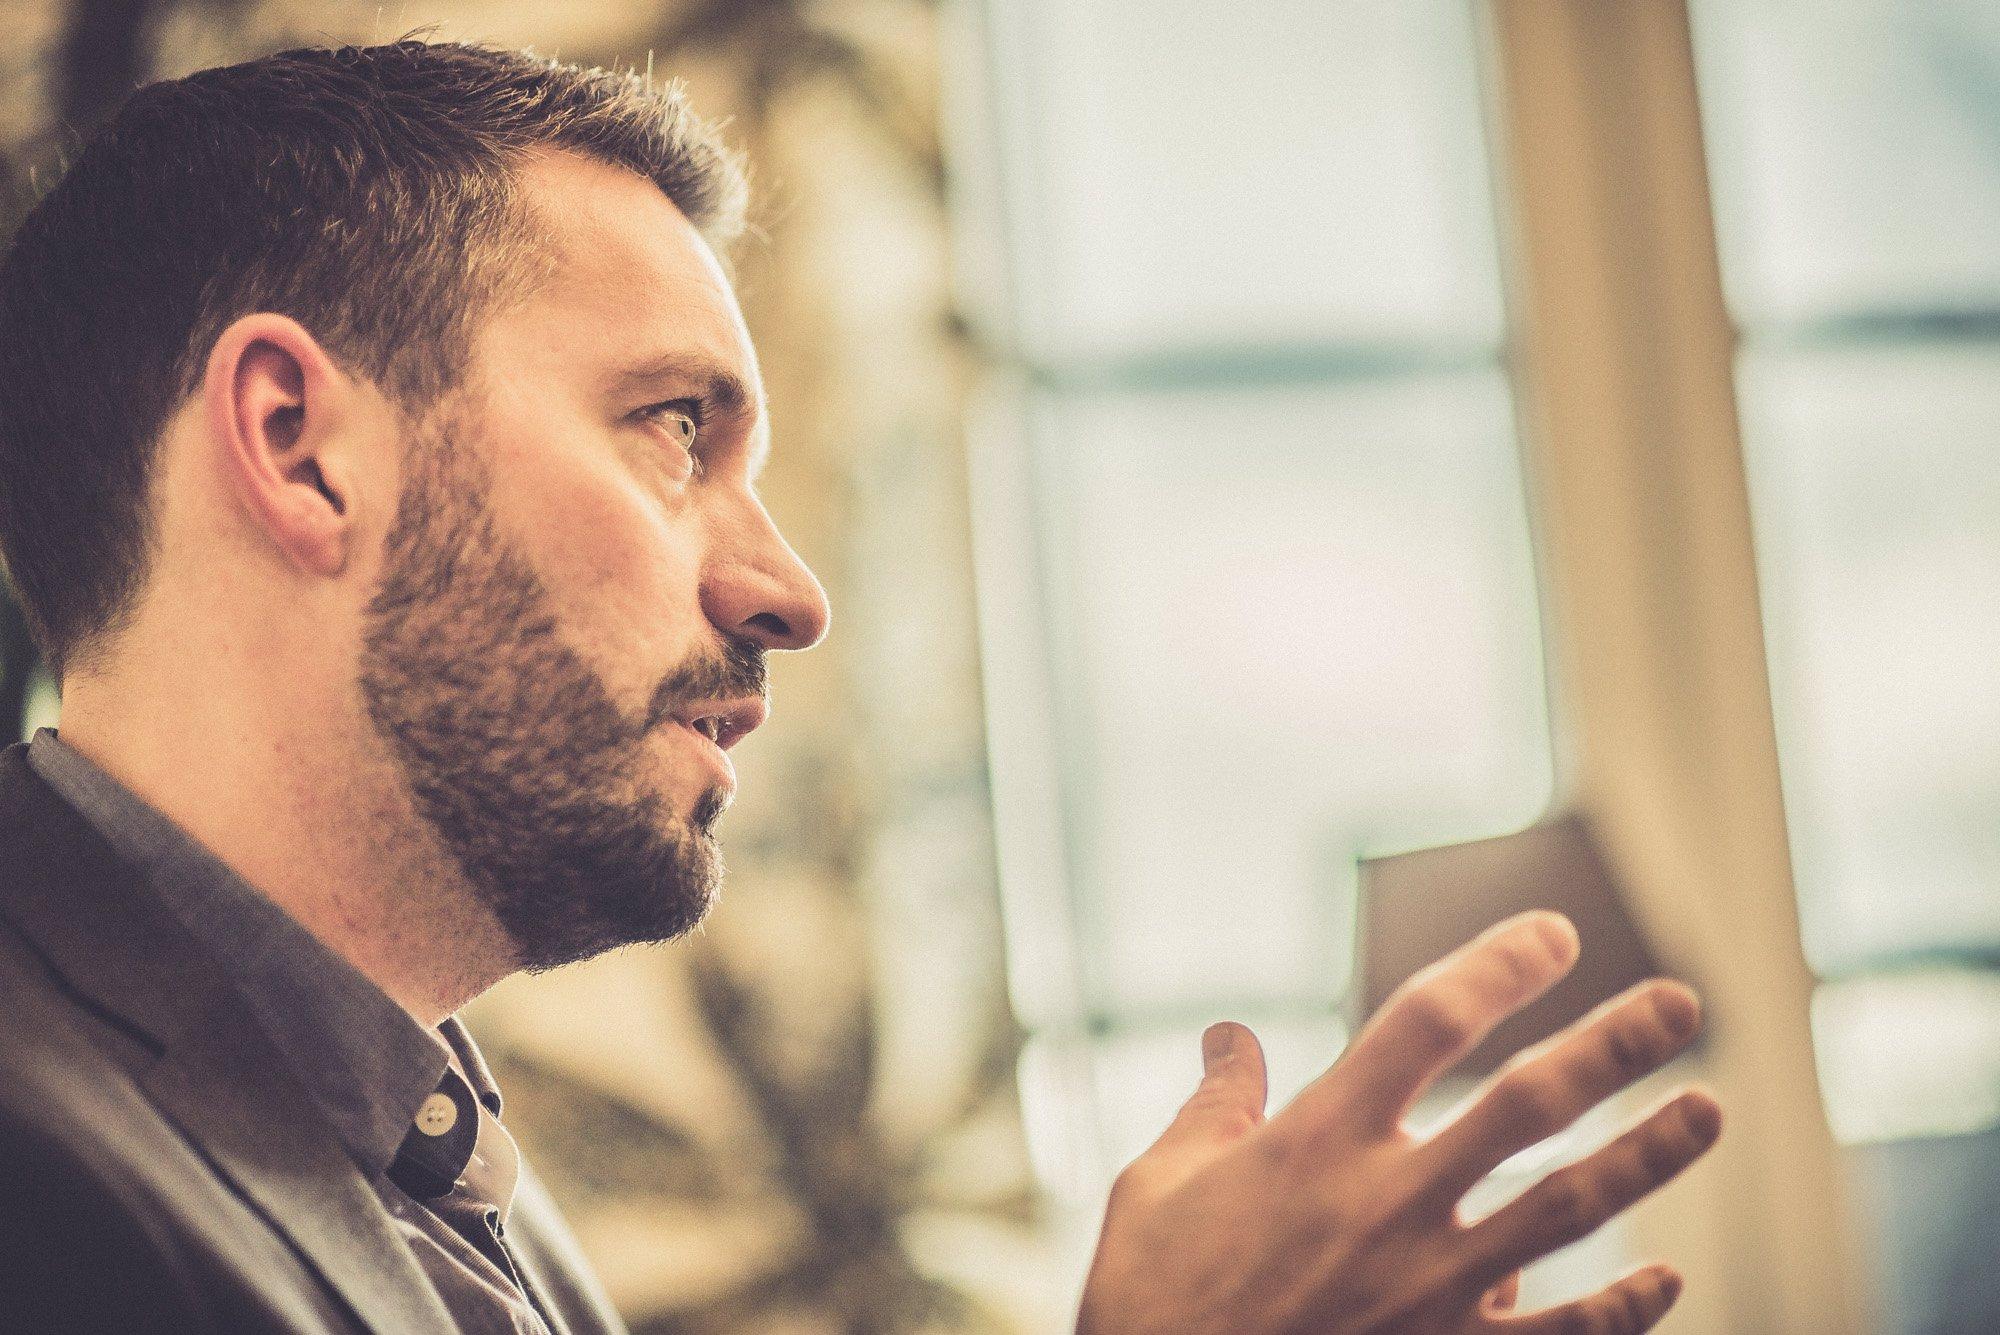 Byggkonsult Andreas Engberg förklarar och gestikulerar